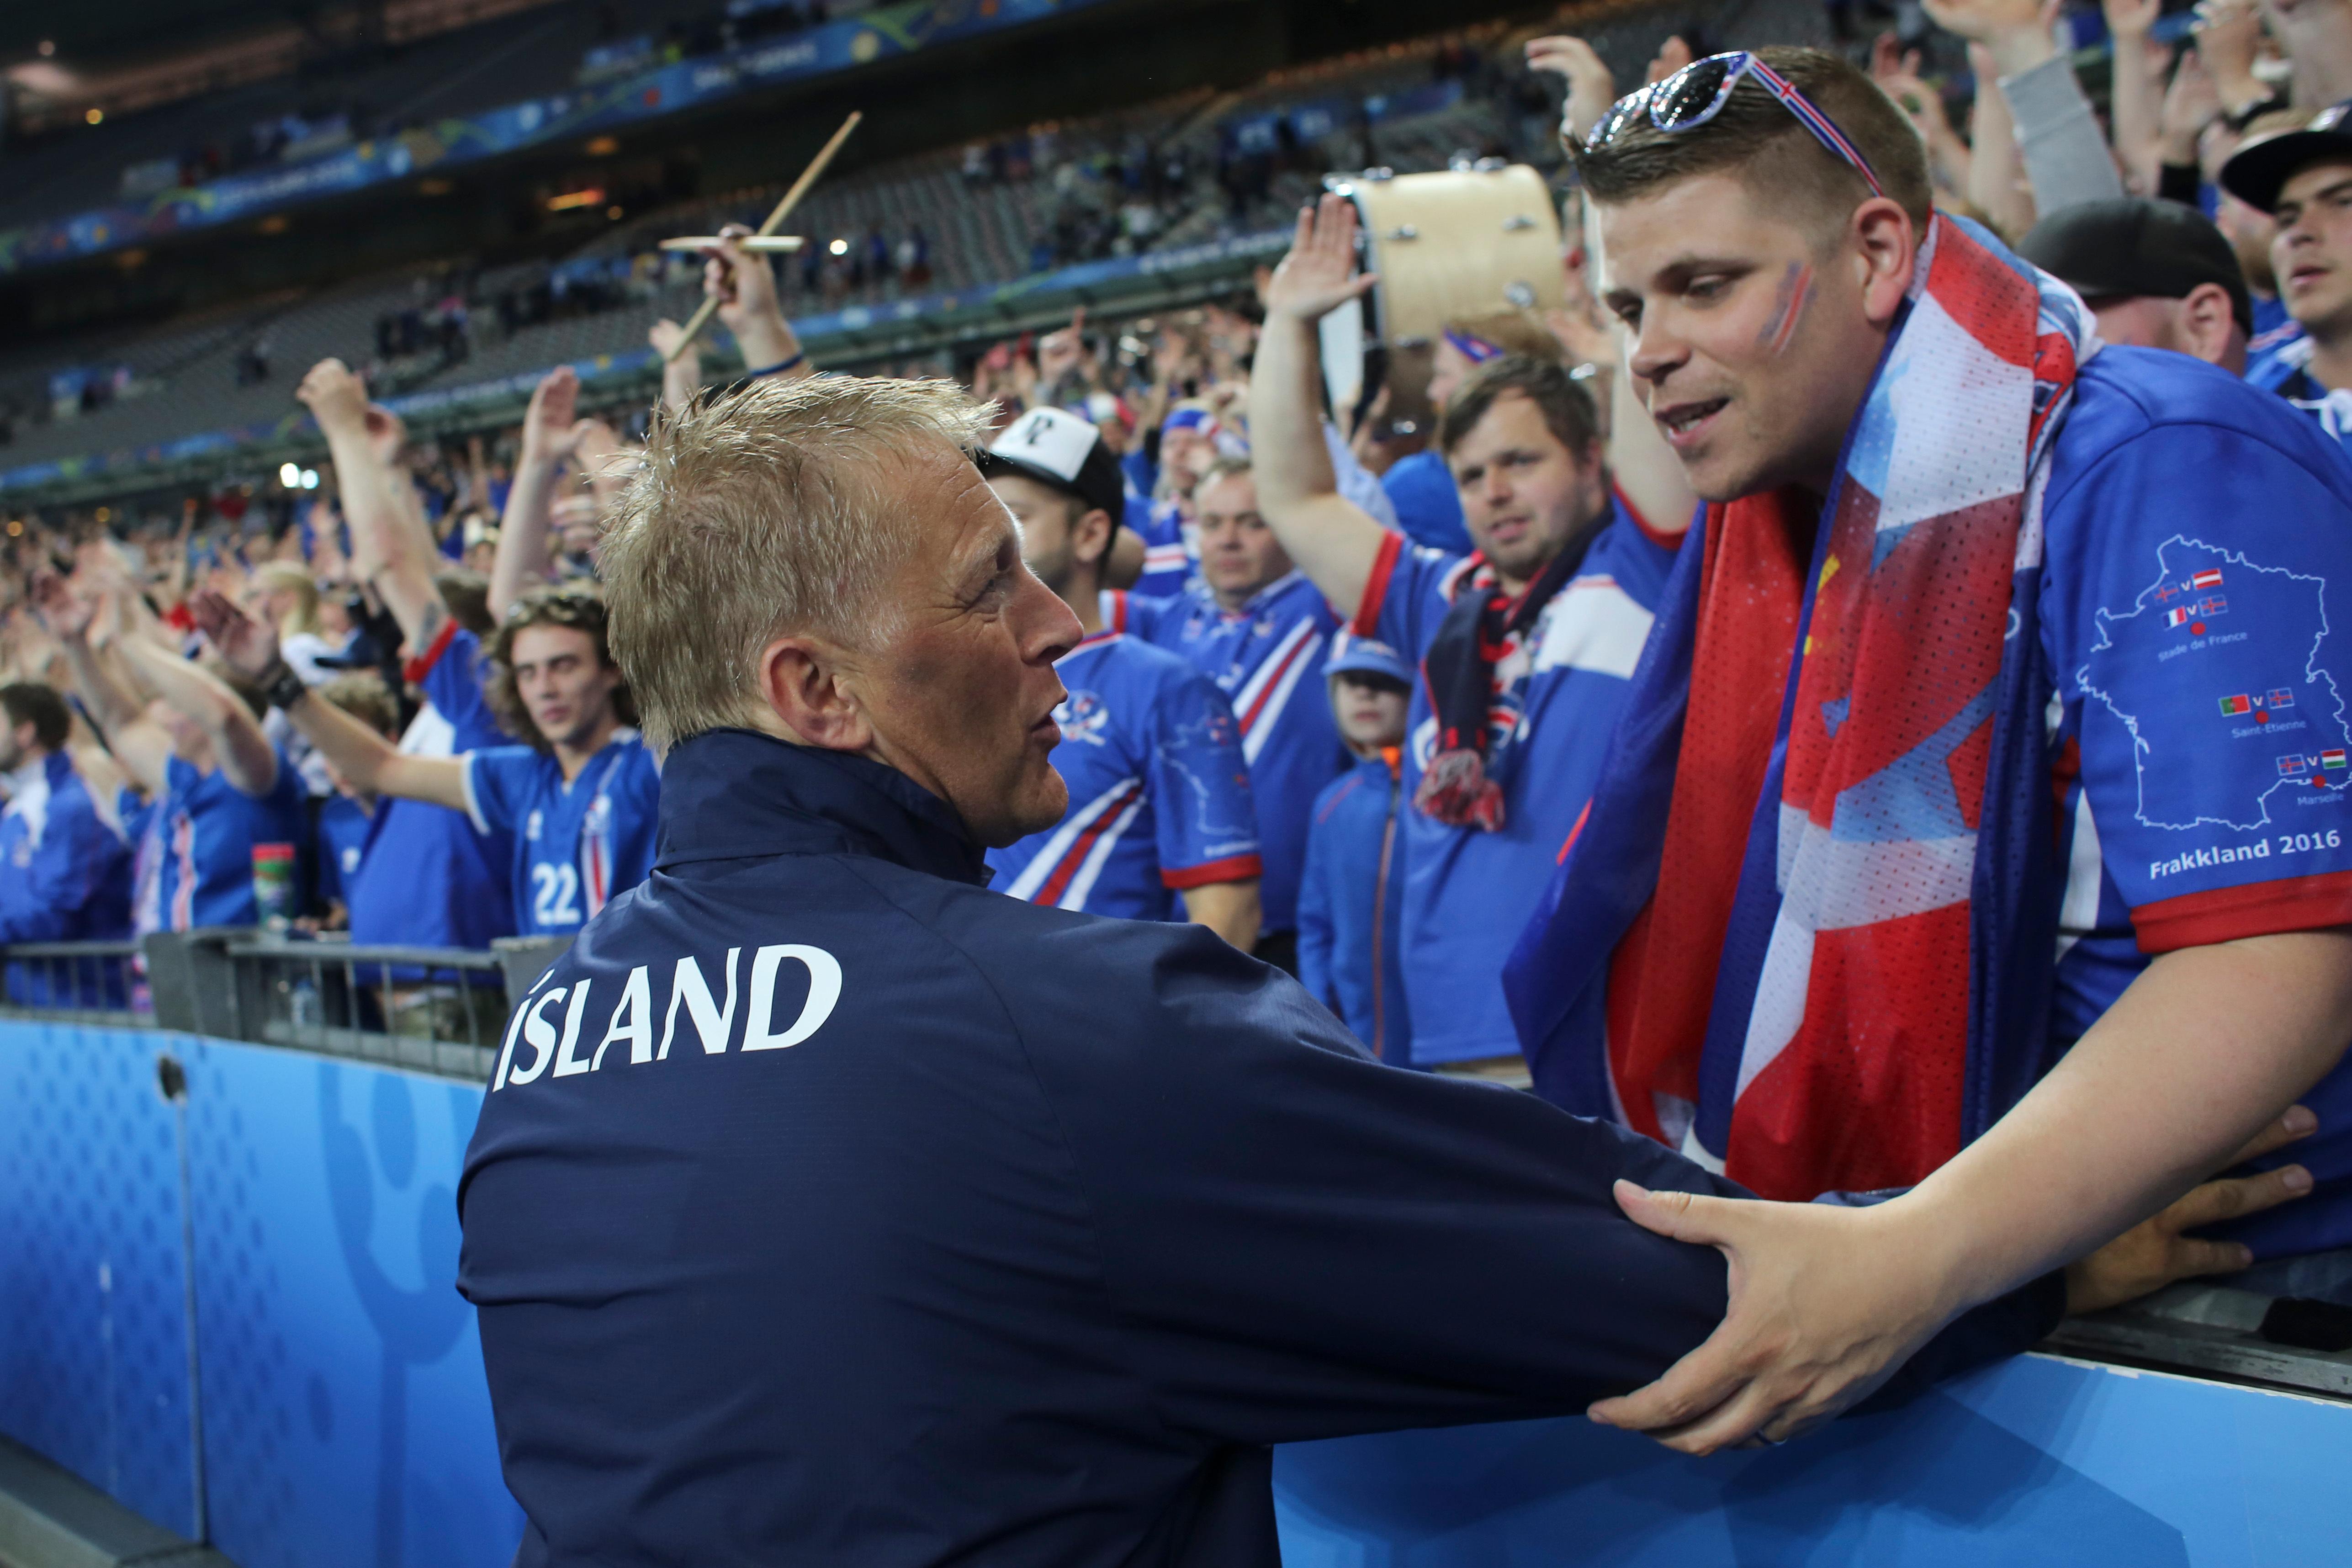 France v Iceland, UEFA European Championships, Quarter Final football match, Stade de France, France - 03 Jul 2016